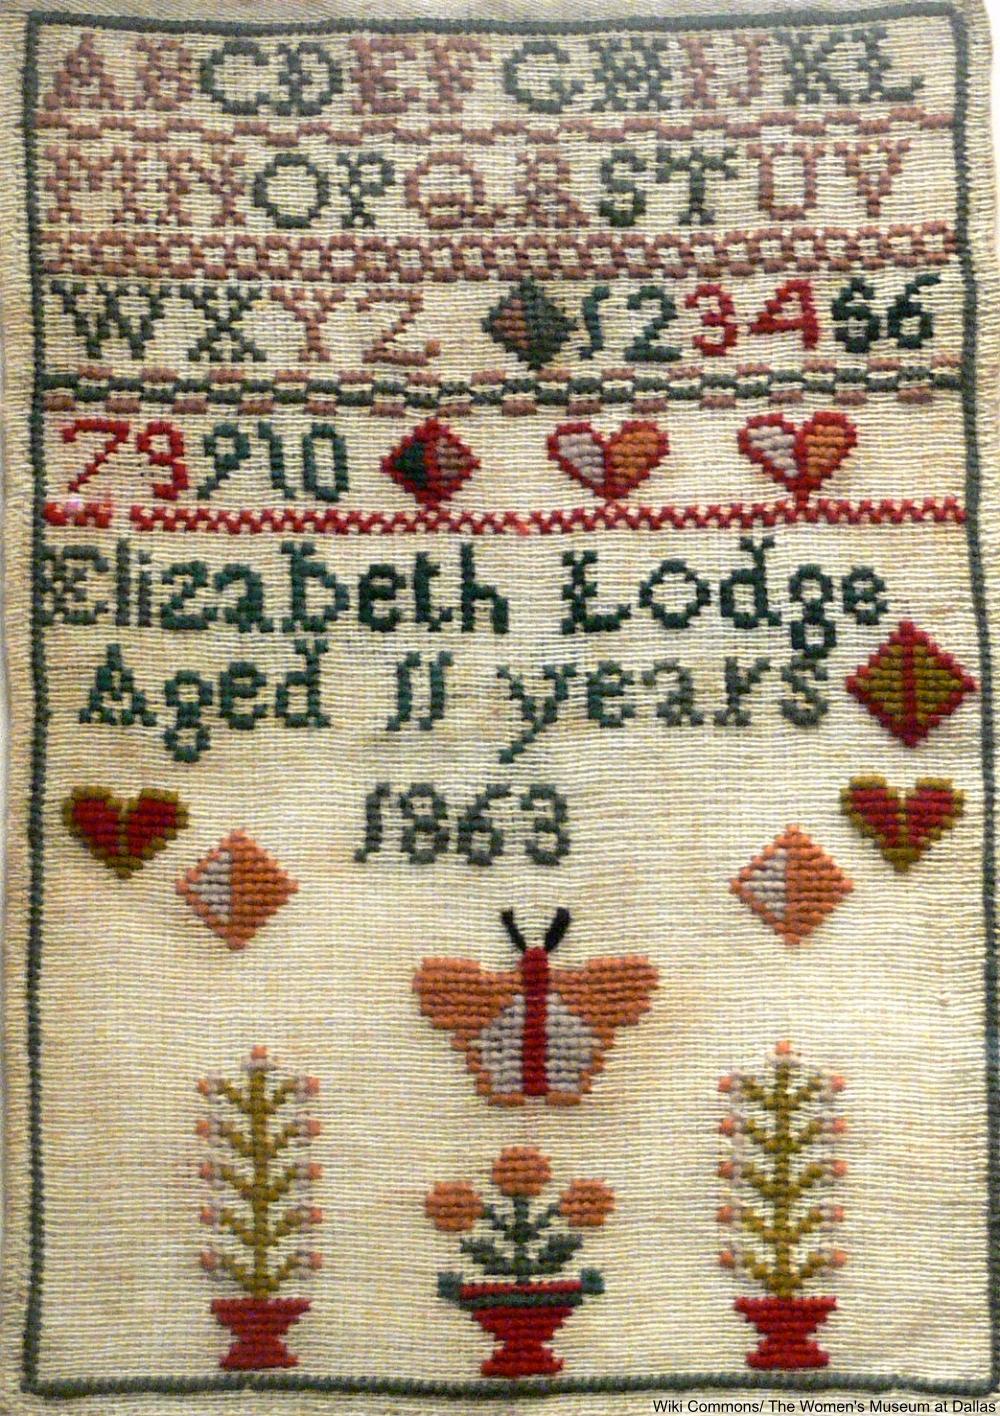 1863 sampler made by 11-year-old Elizabeth Lodge